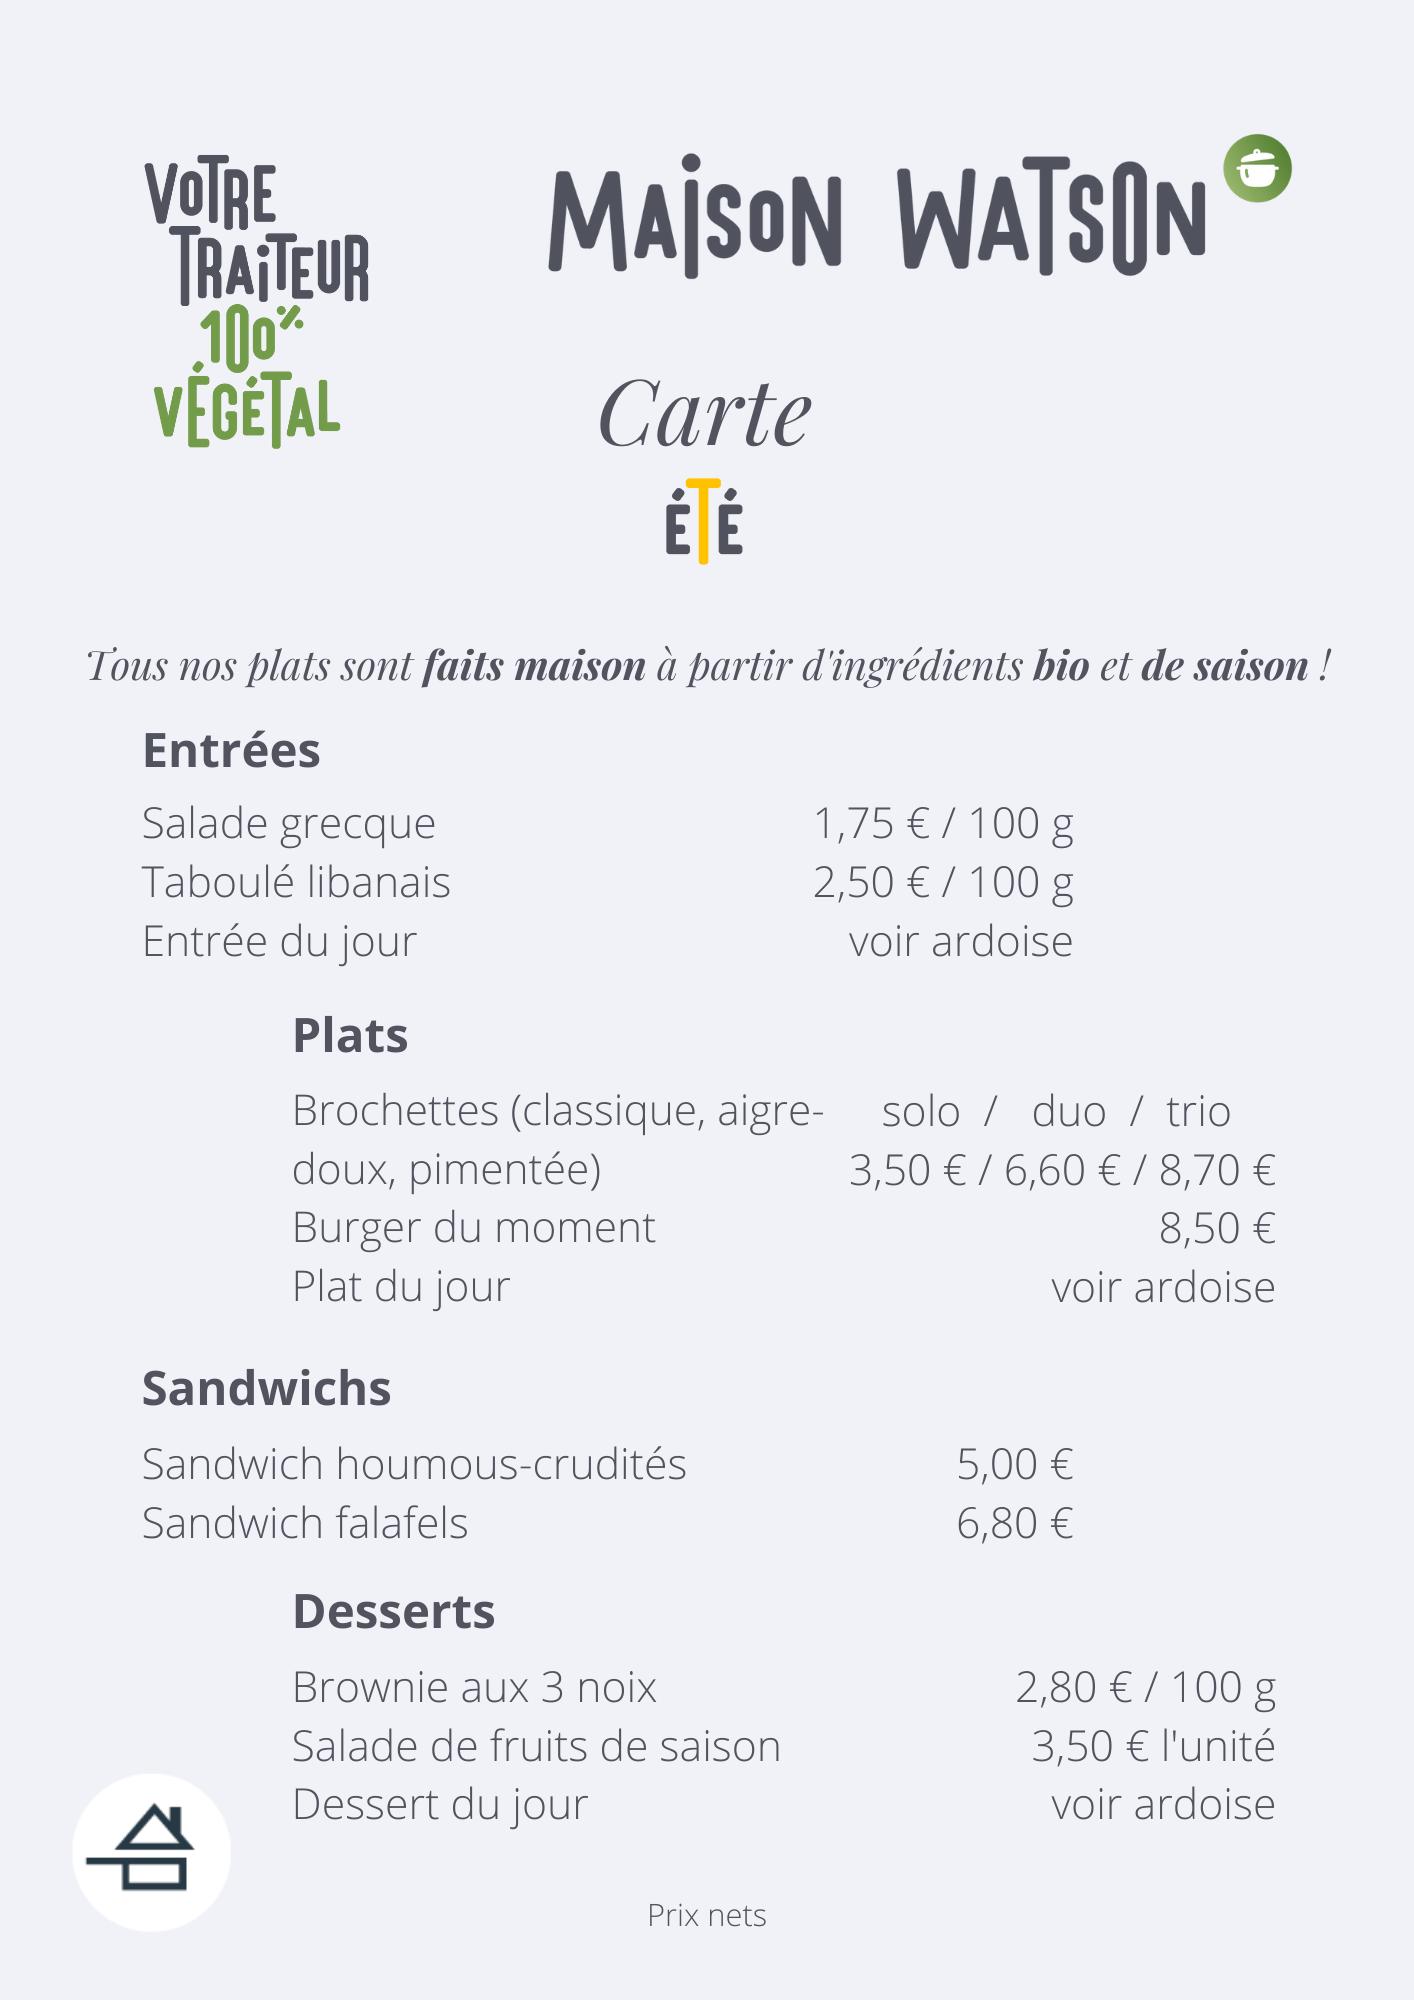 carte été maison watson traiteur restaurant végétal vegan végane sandwich houmous falafel brownie entrées plats desserts brochettes salade grecque taboulé libanais burger fruits